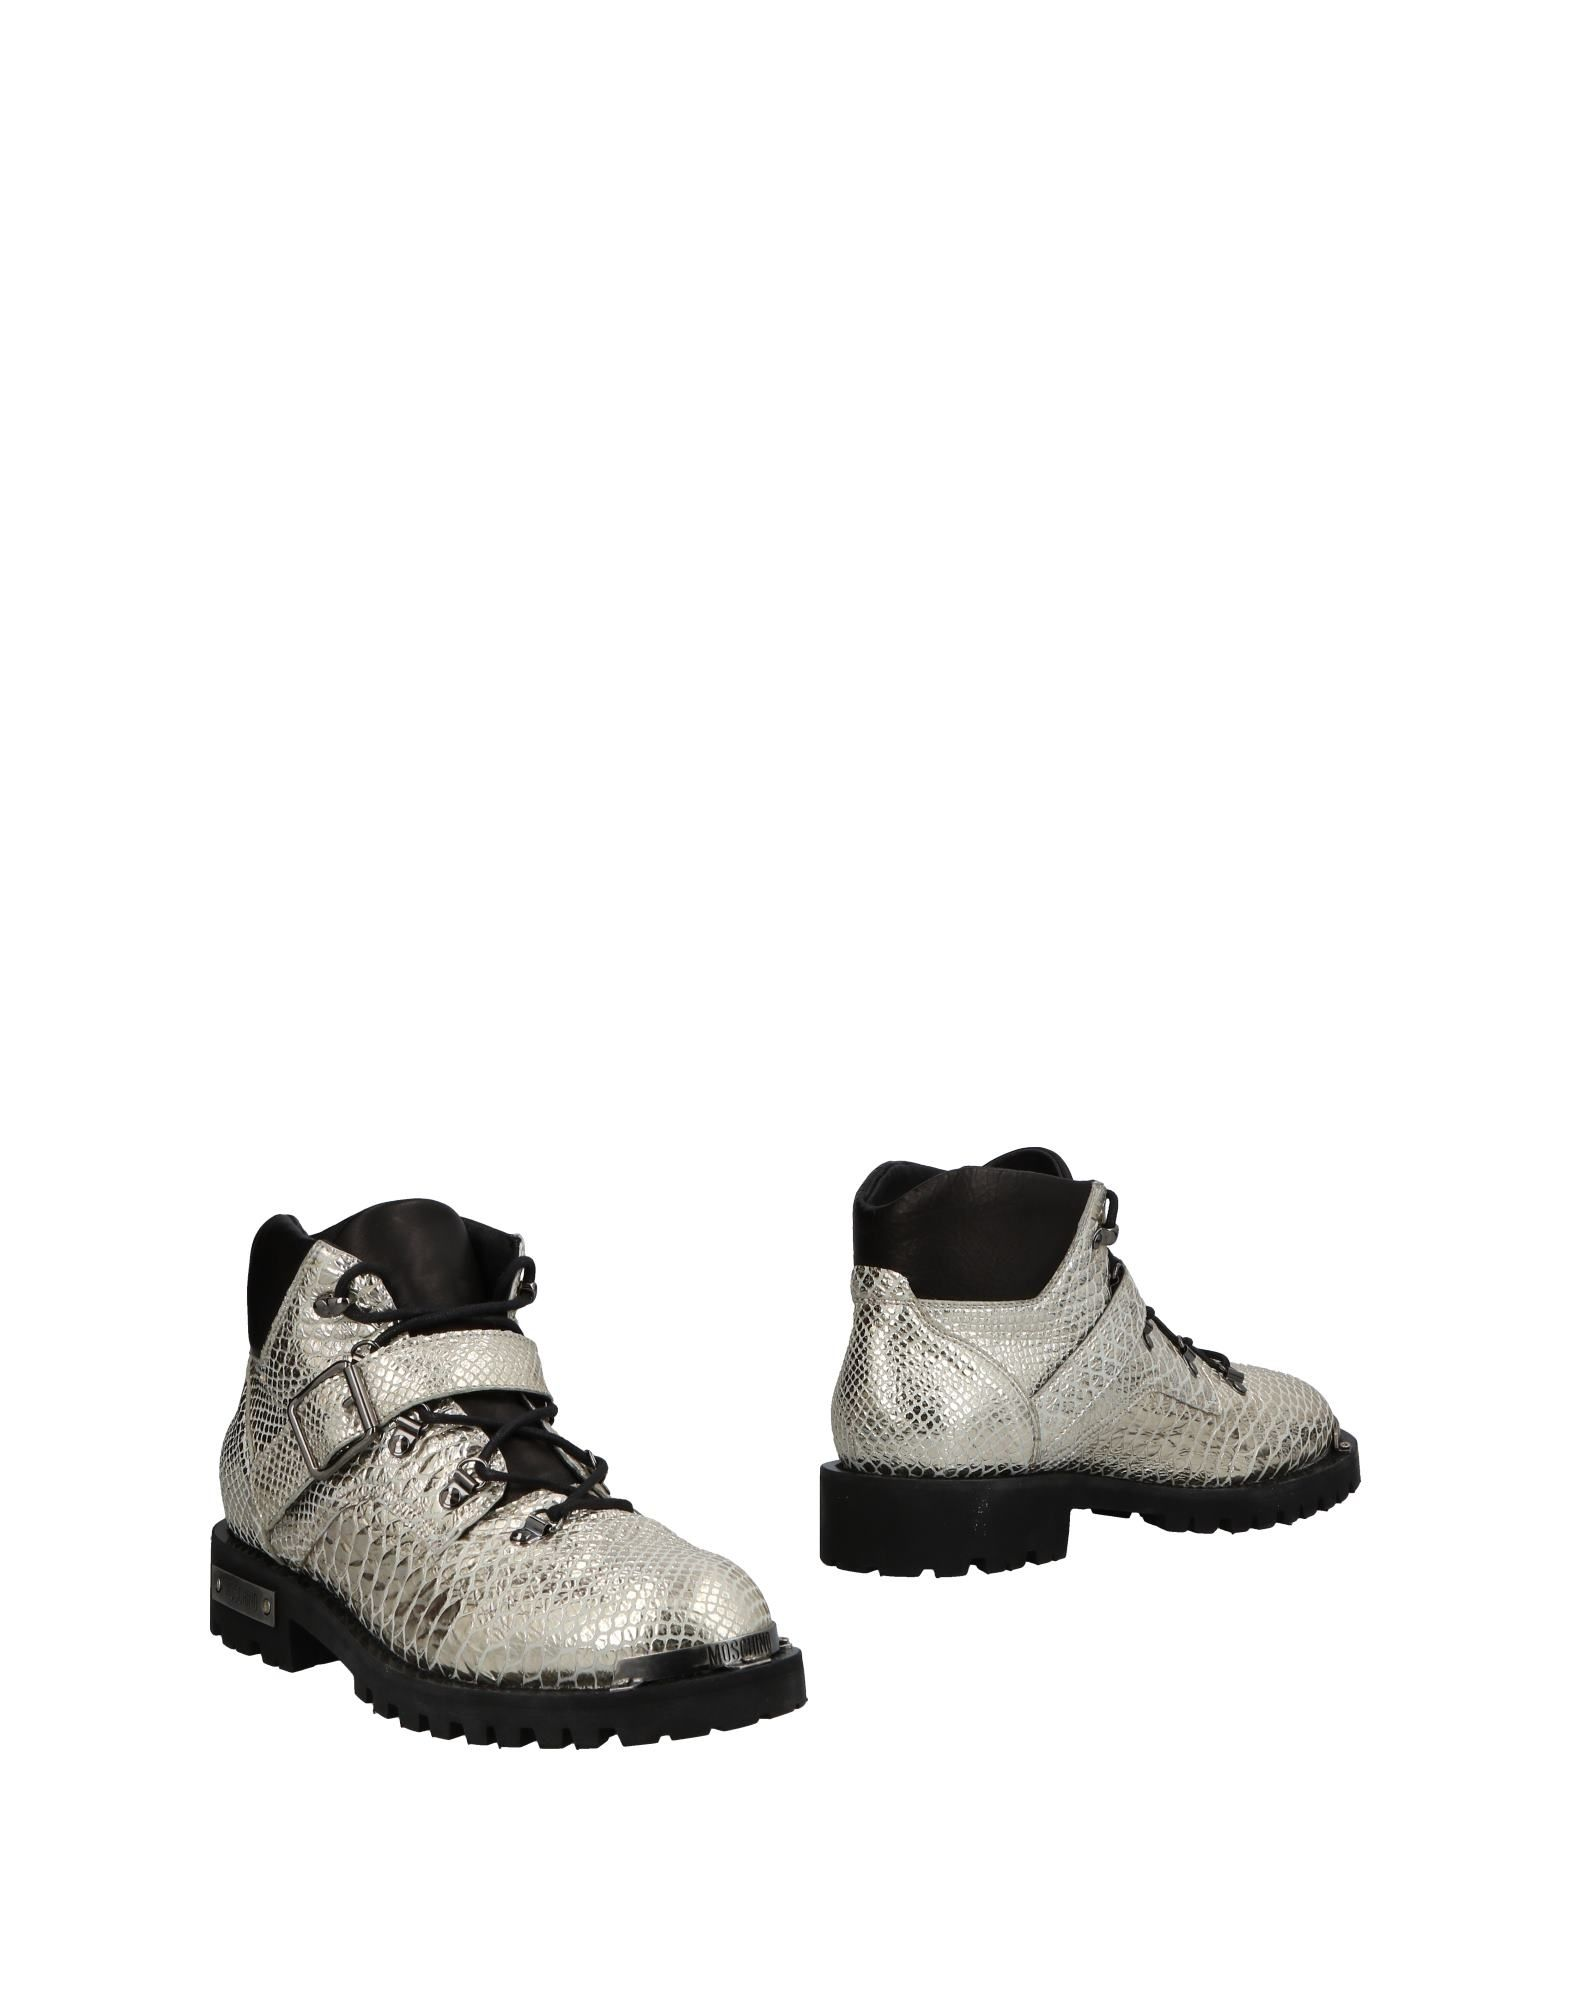 Moschino Stiefelette Gute Herren  11490538TA Gute Stiefelette Qualität beliebte Schuhe f67ffa